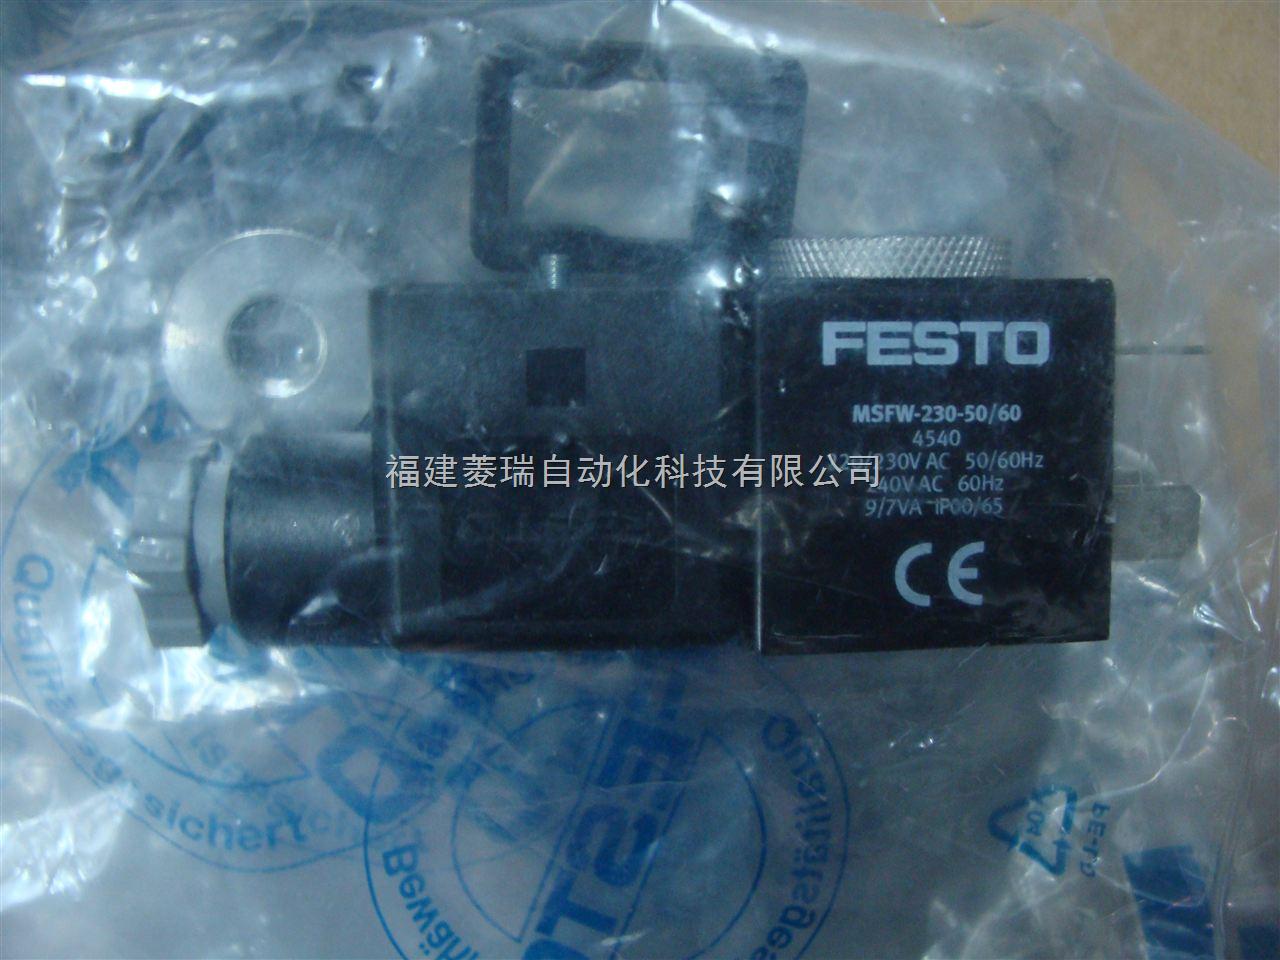 FESTO(费斯托)4540电磁线圈 MSFW-230-50/60现货特价